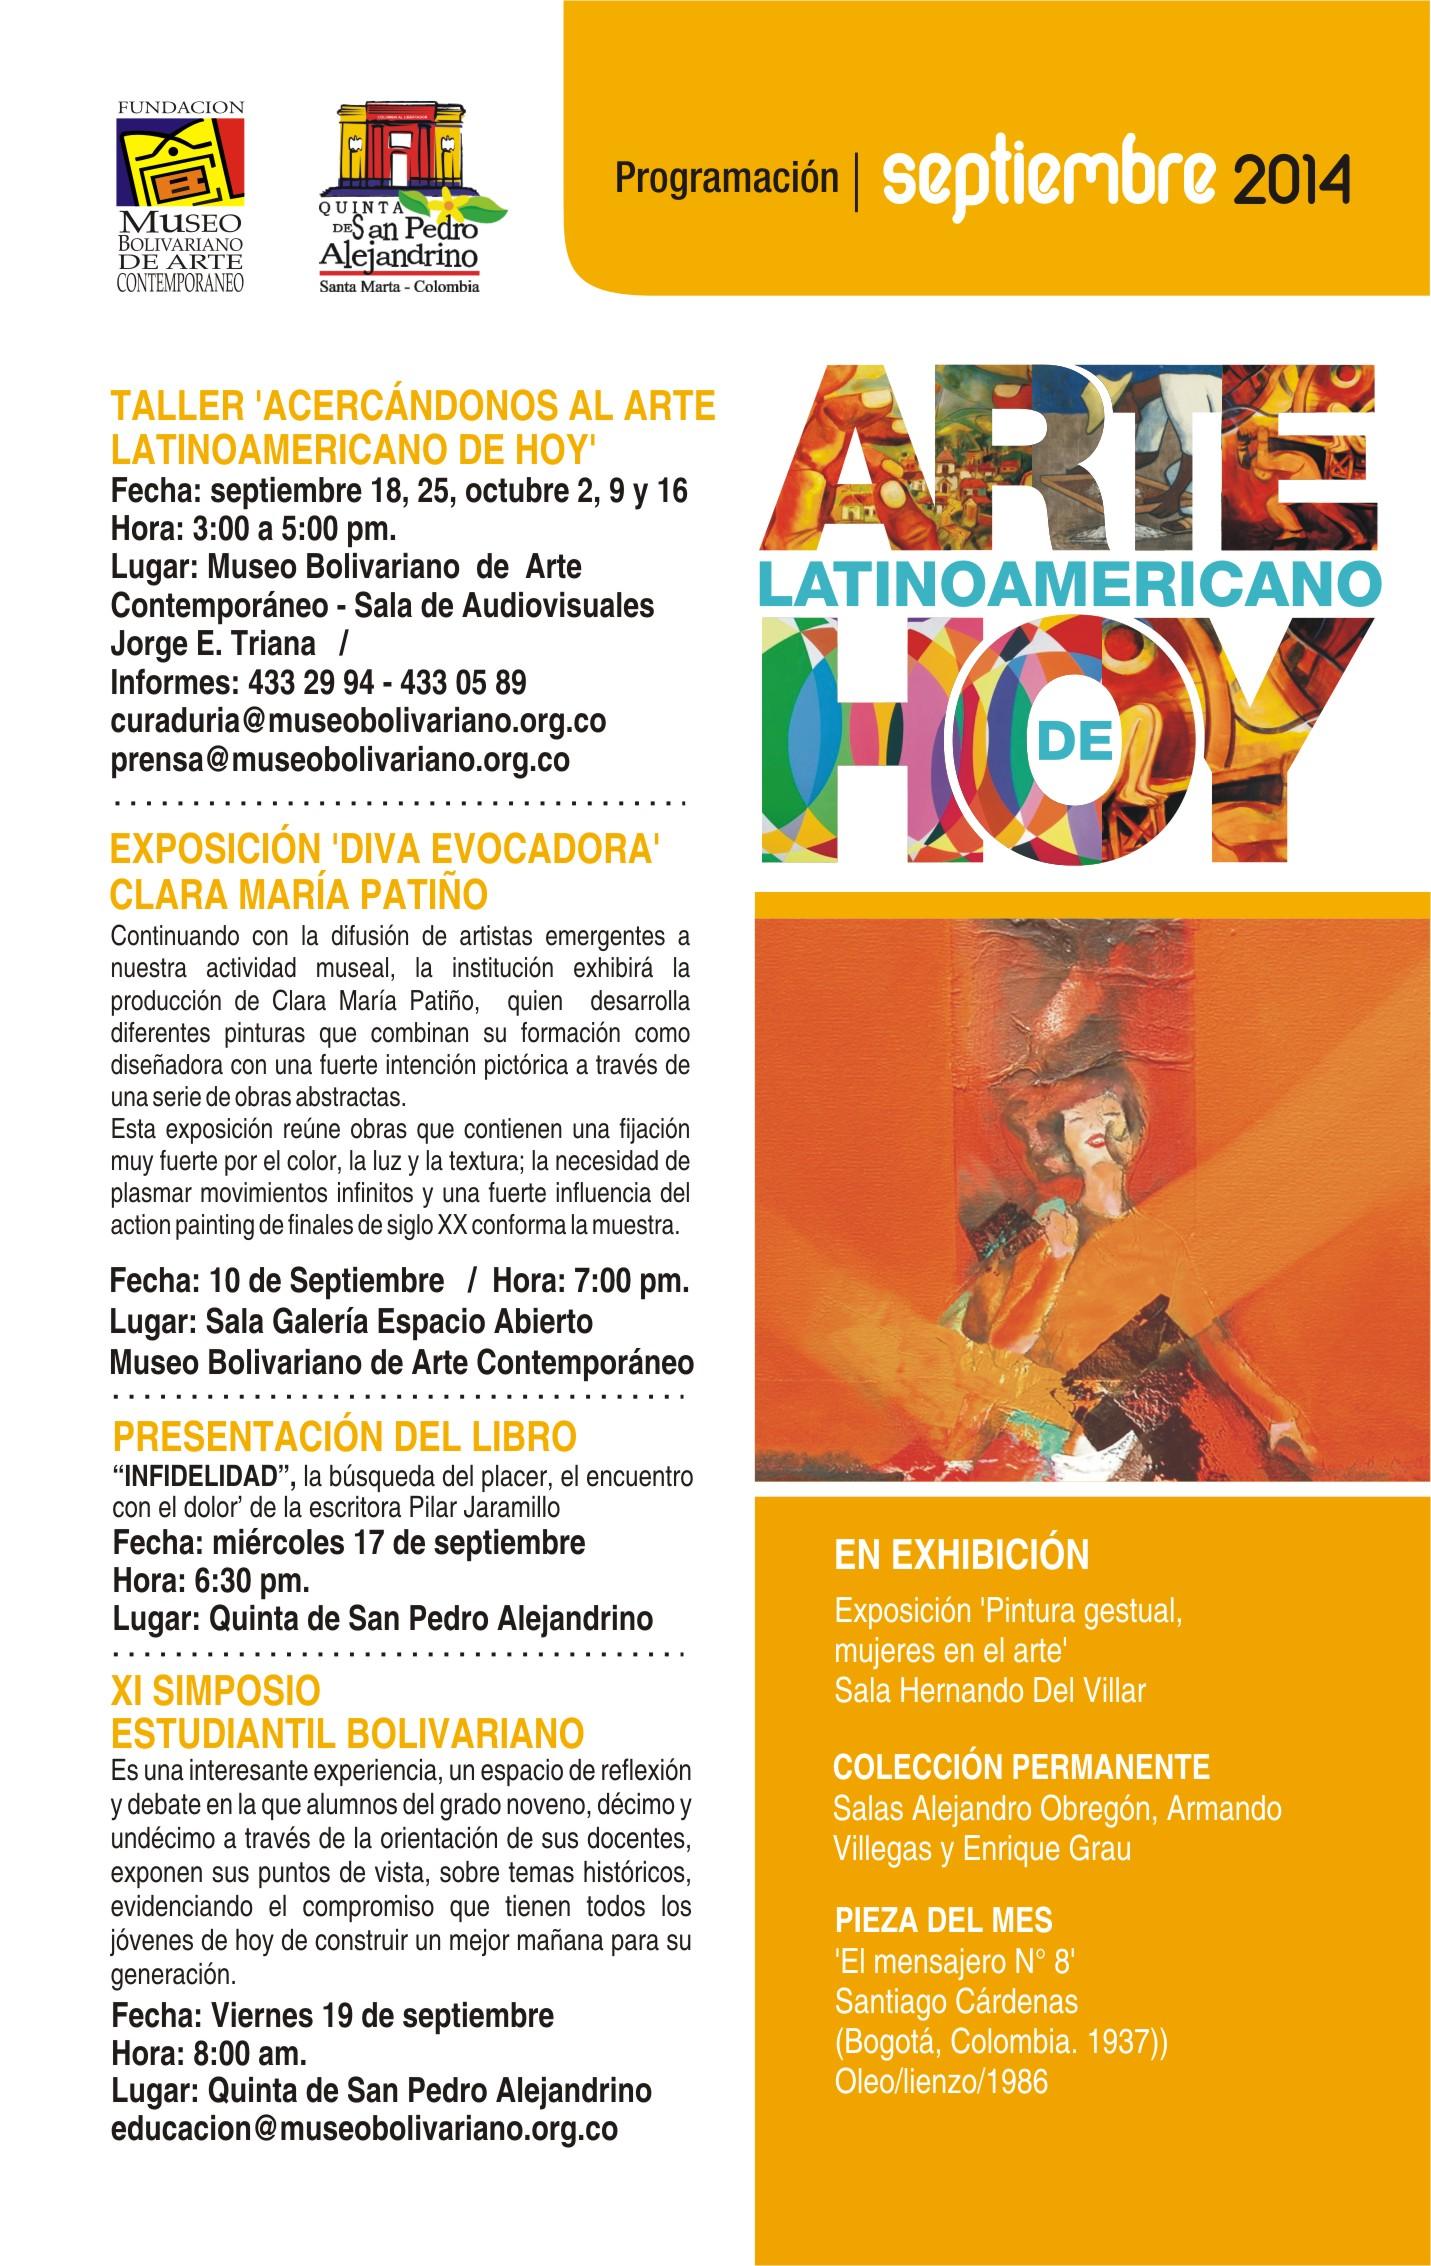 Programación Septiembre Museo Bolivariano-Quinta de San Pedro Alejandrino